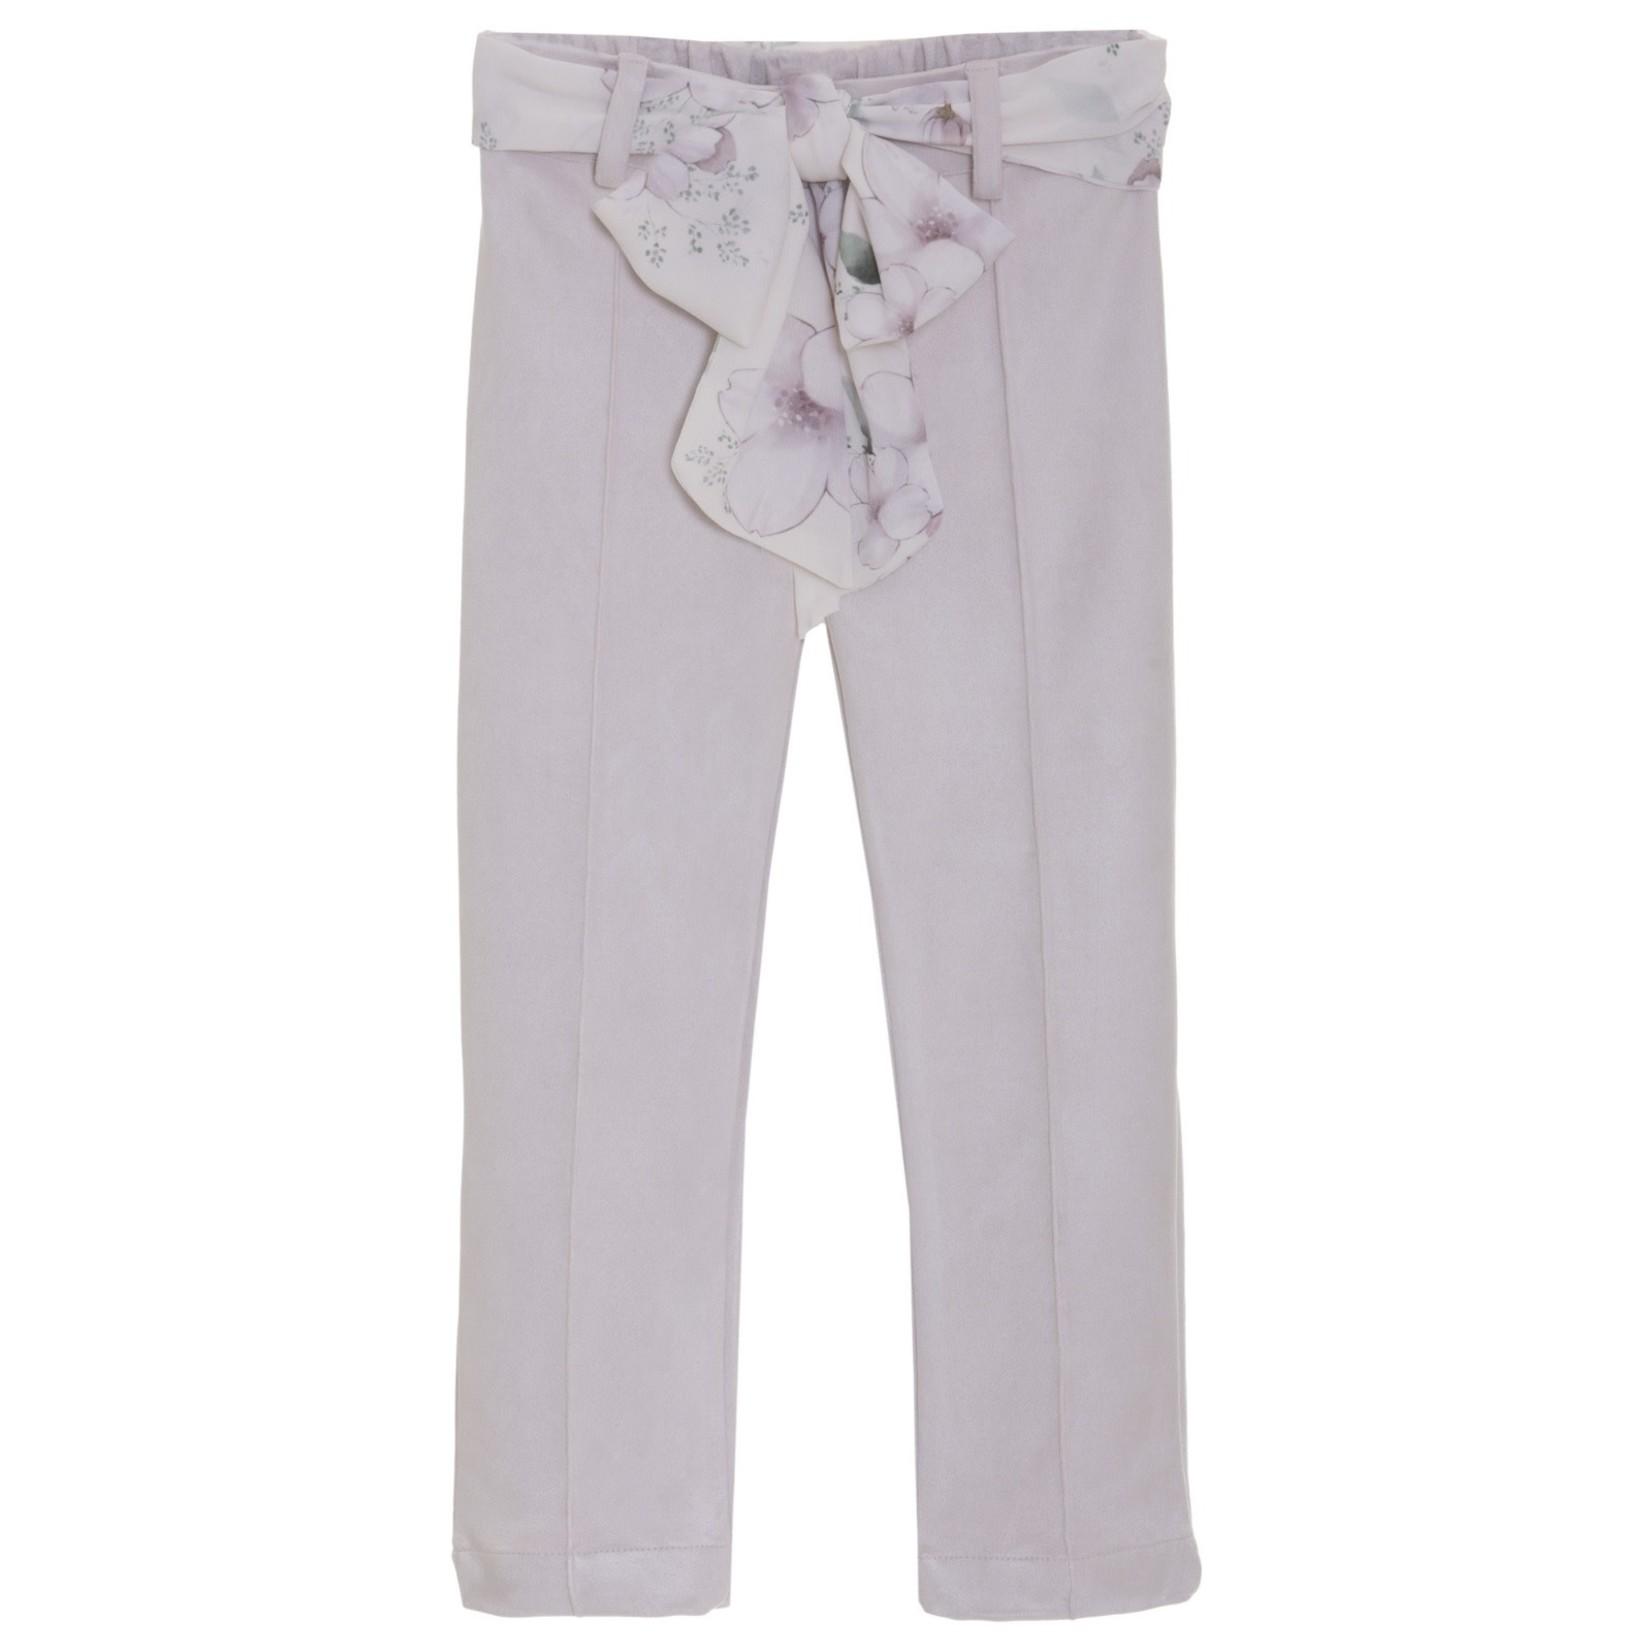 Pants Suede Floral - Patachou